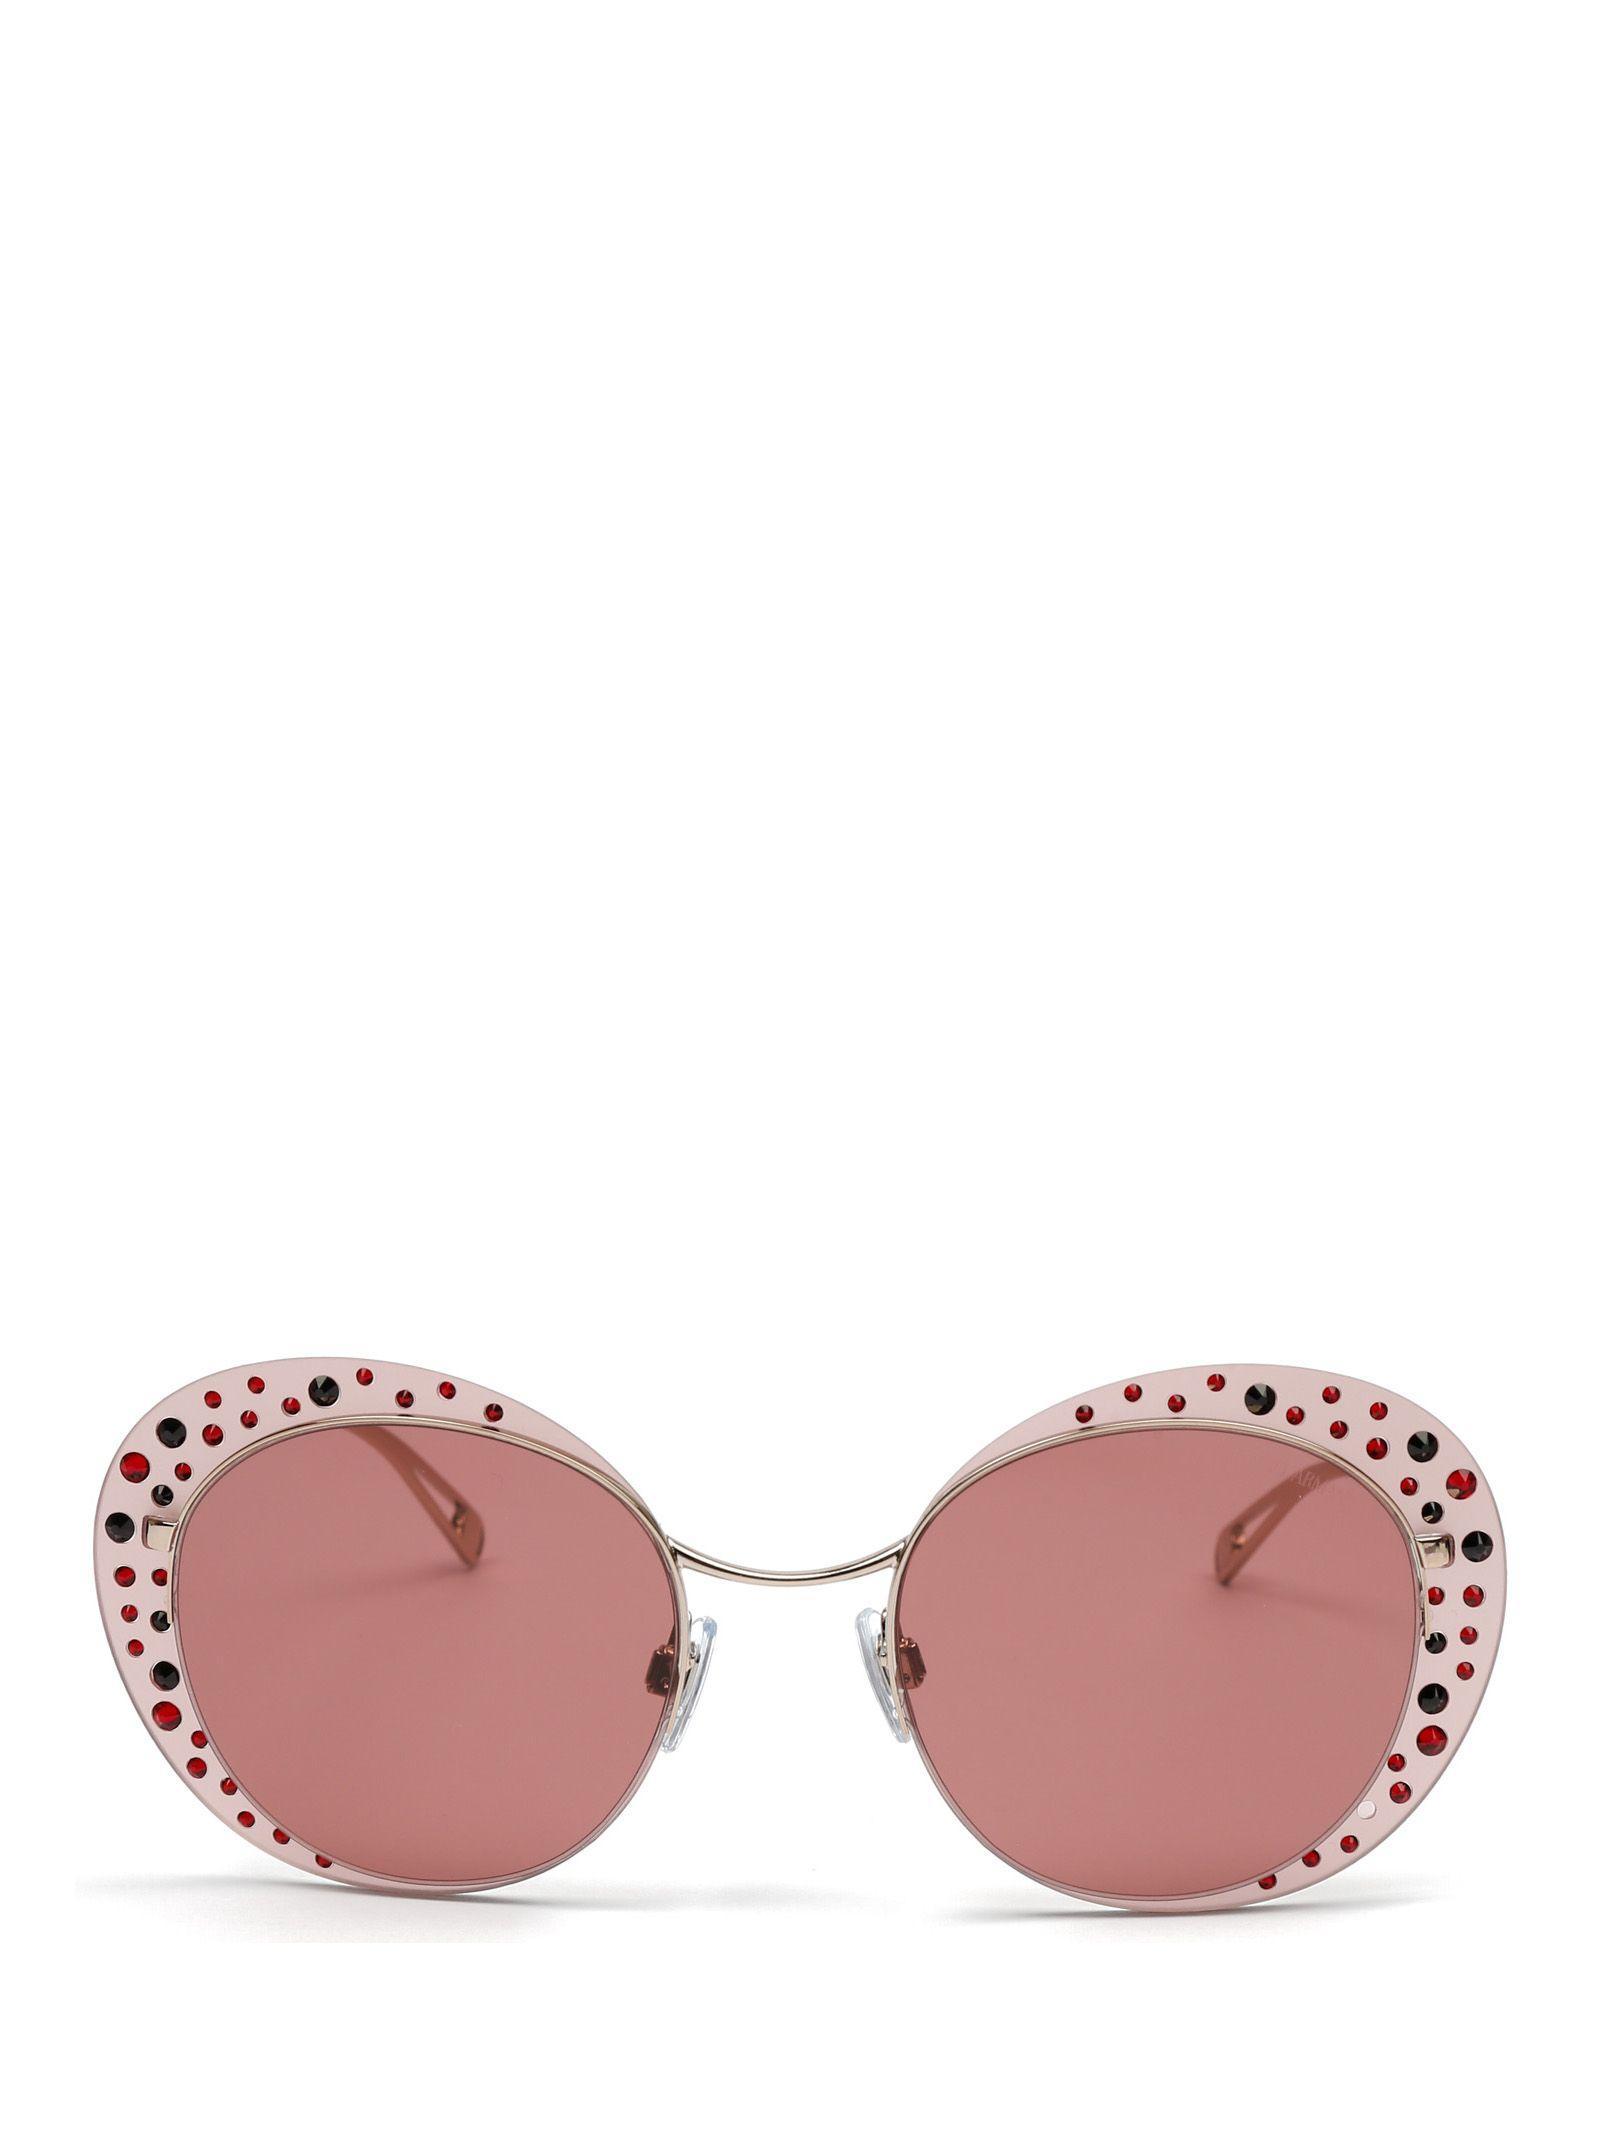 25473ae2e87 Lyst - Giorgio Armani Pink Metal Sunglasses in Pink